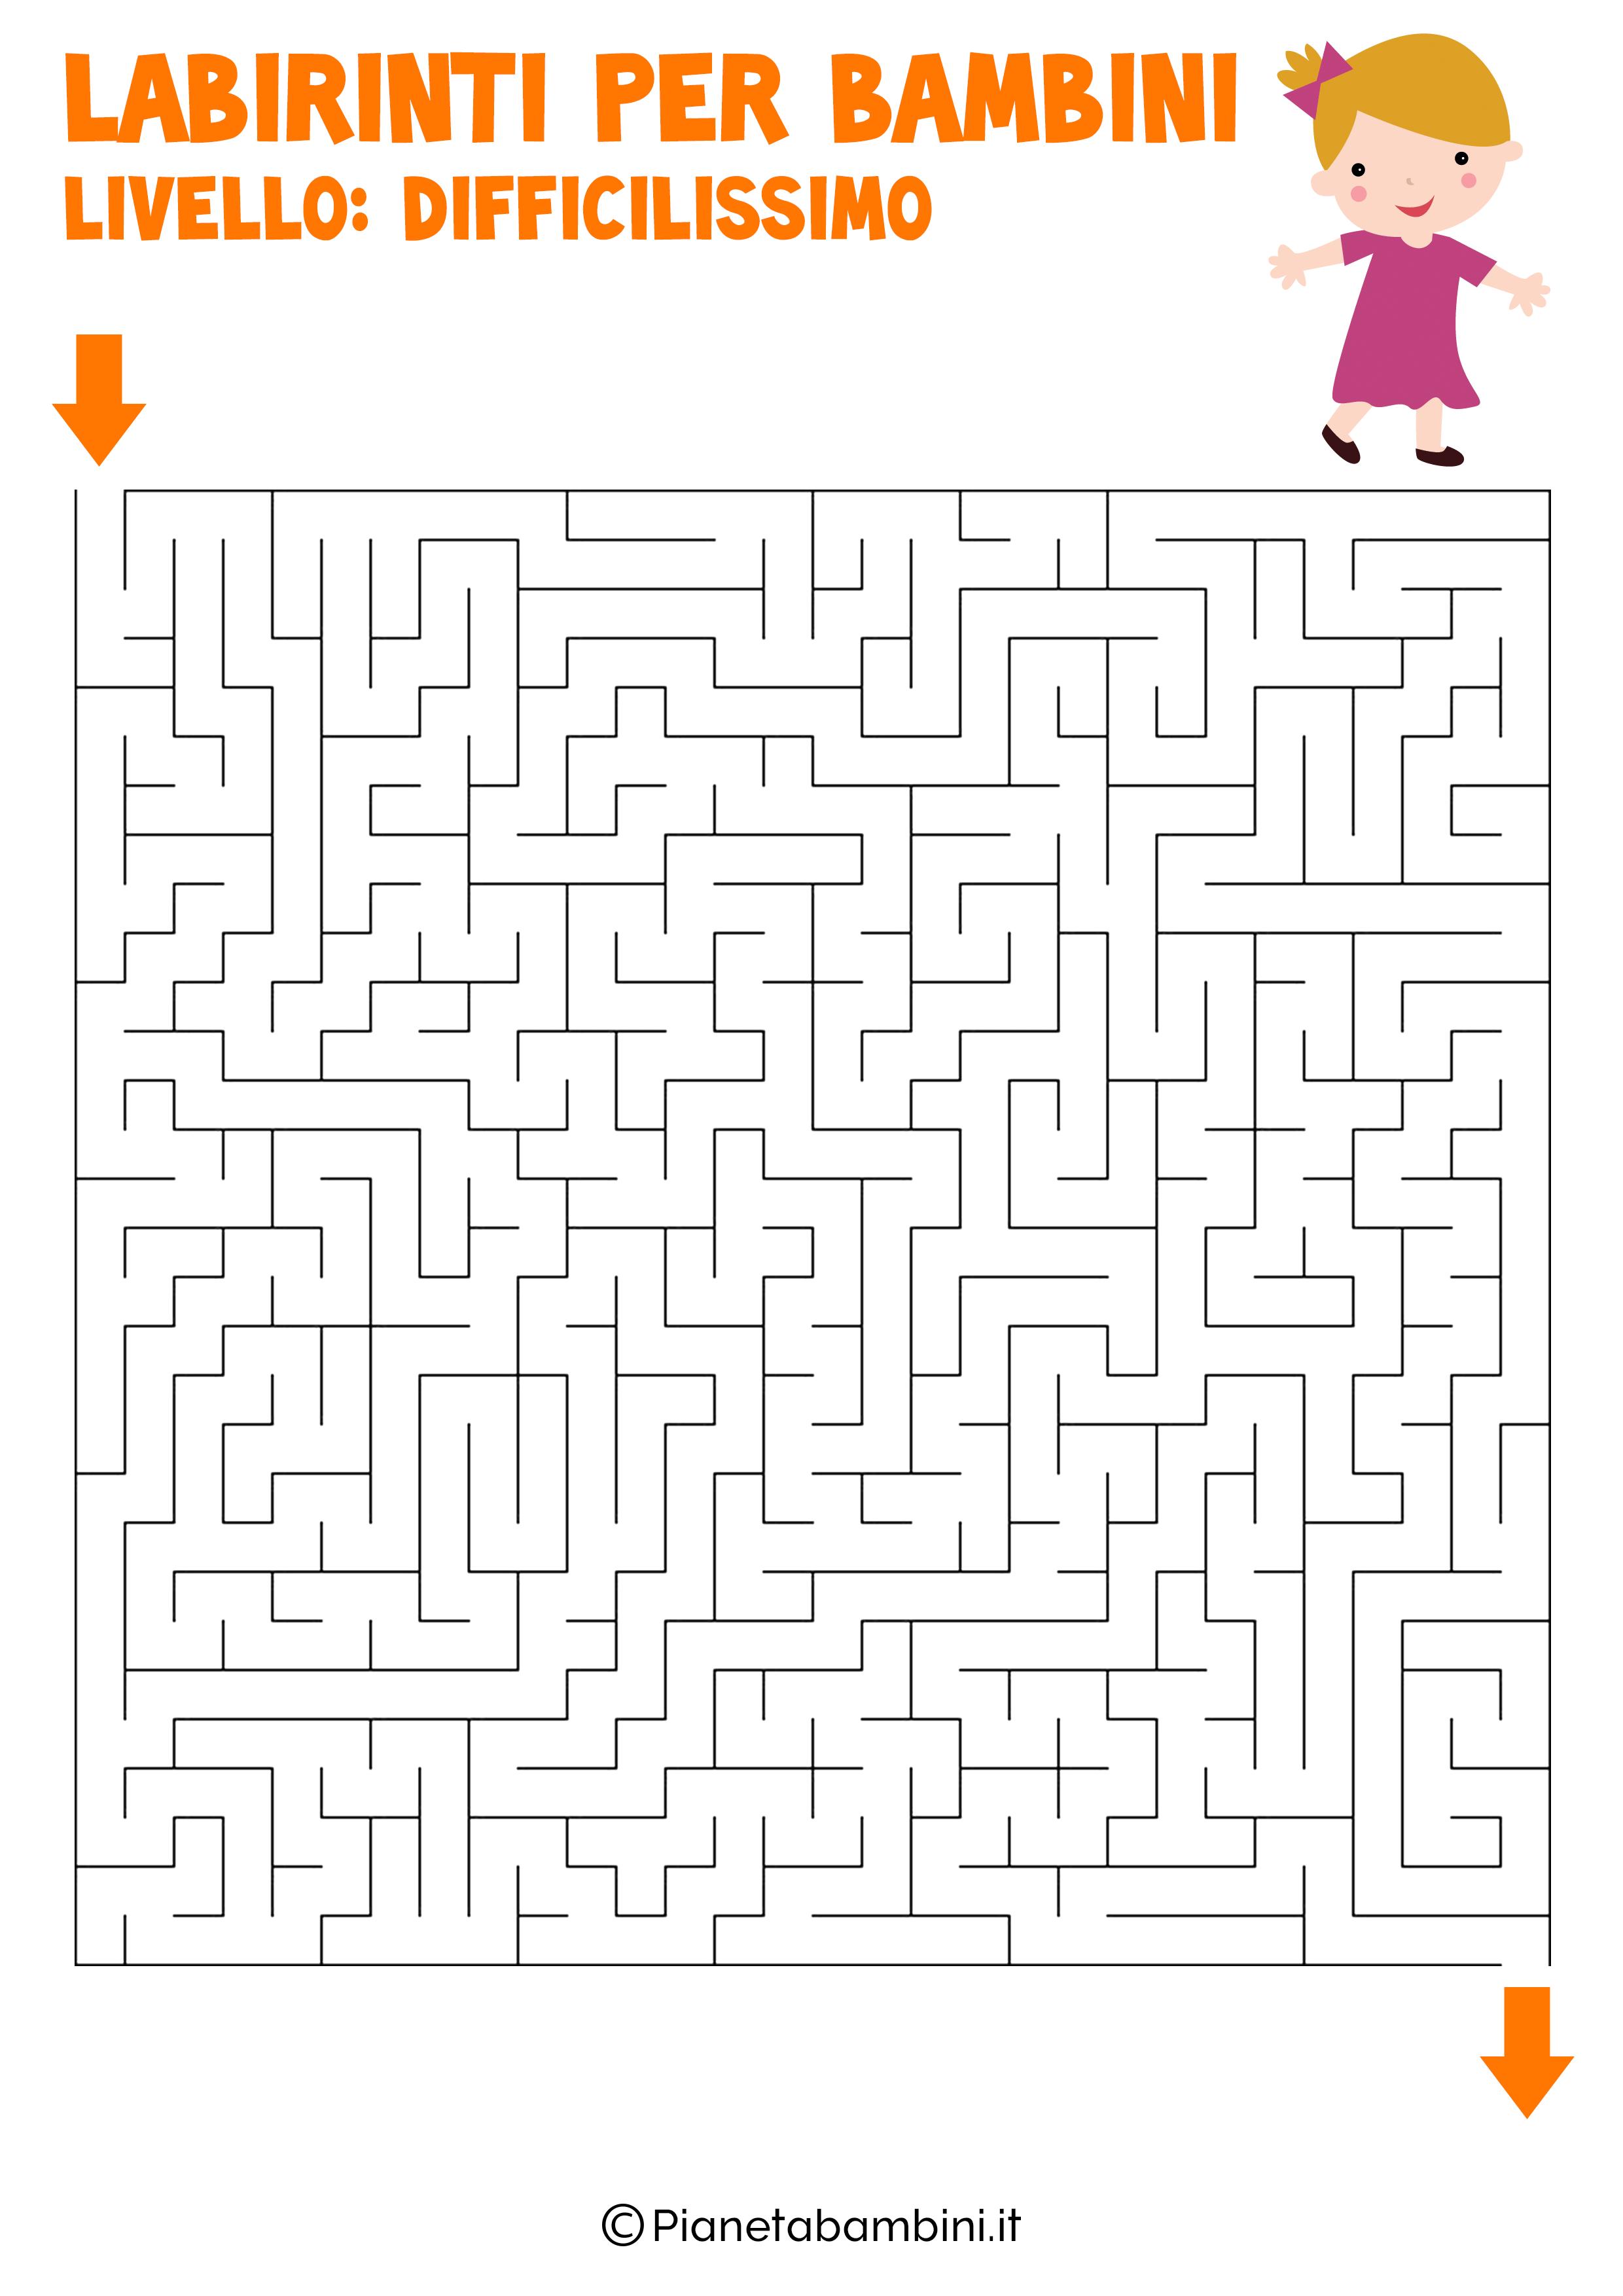 Labirinto difficilissimo per bambini numero 12